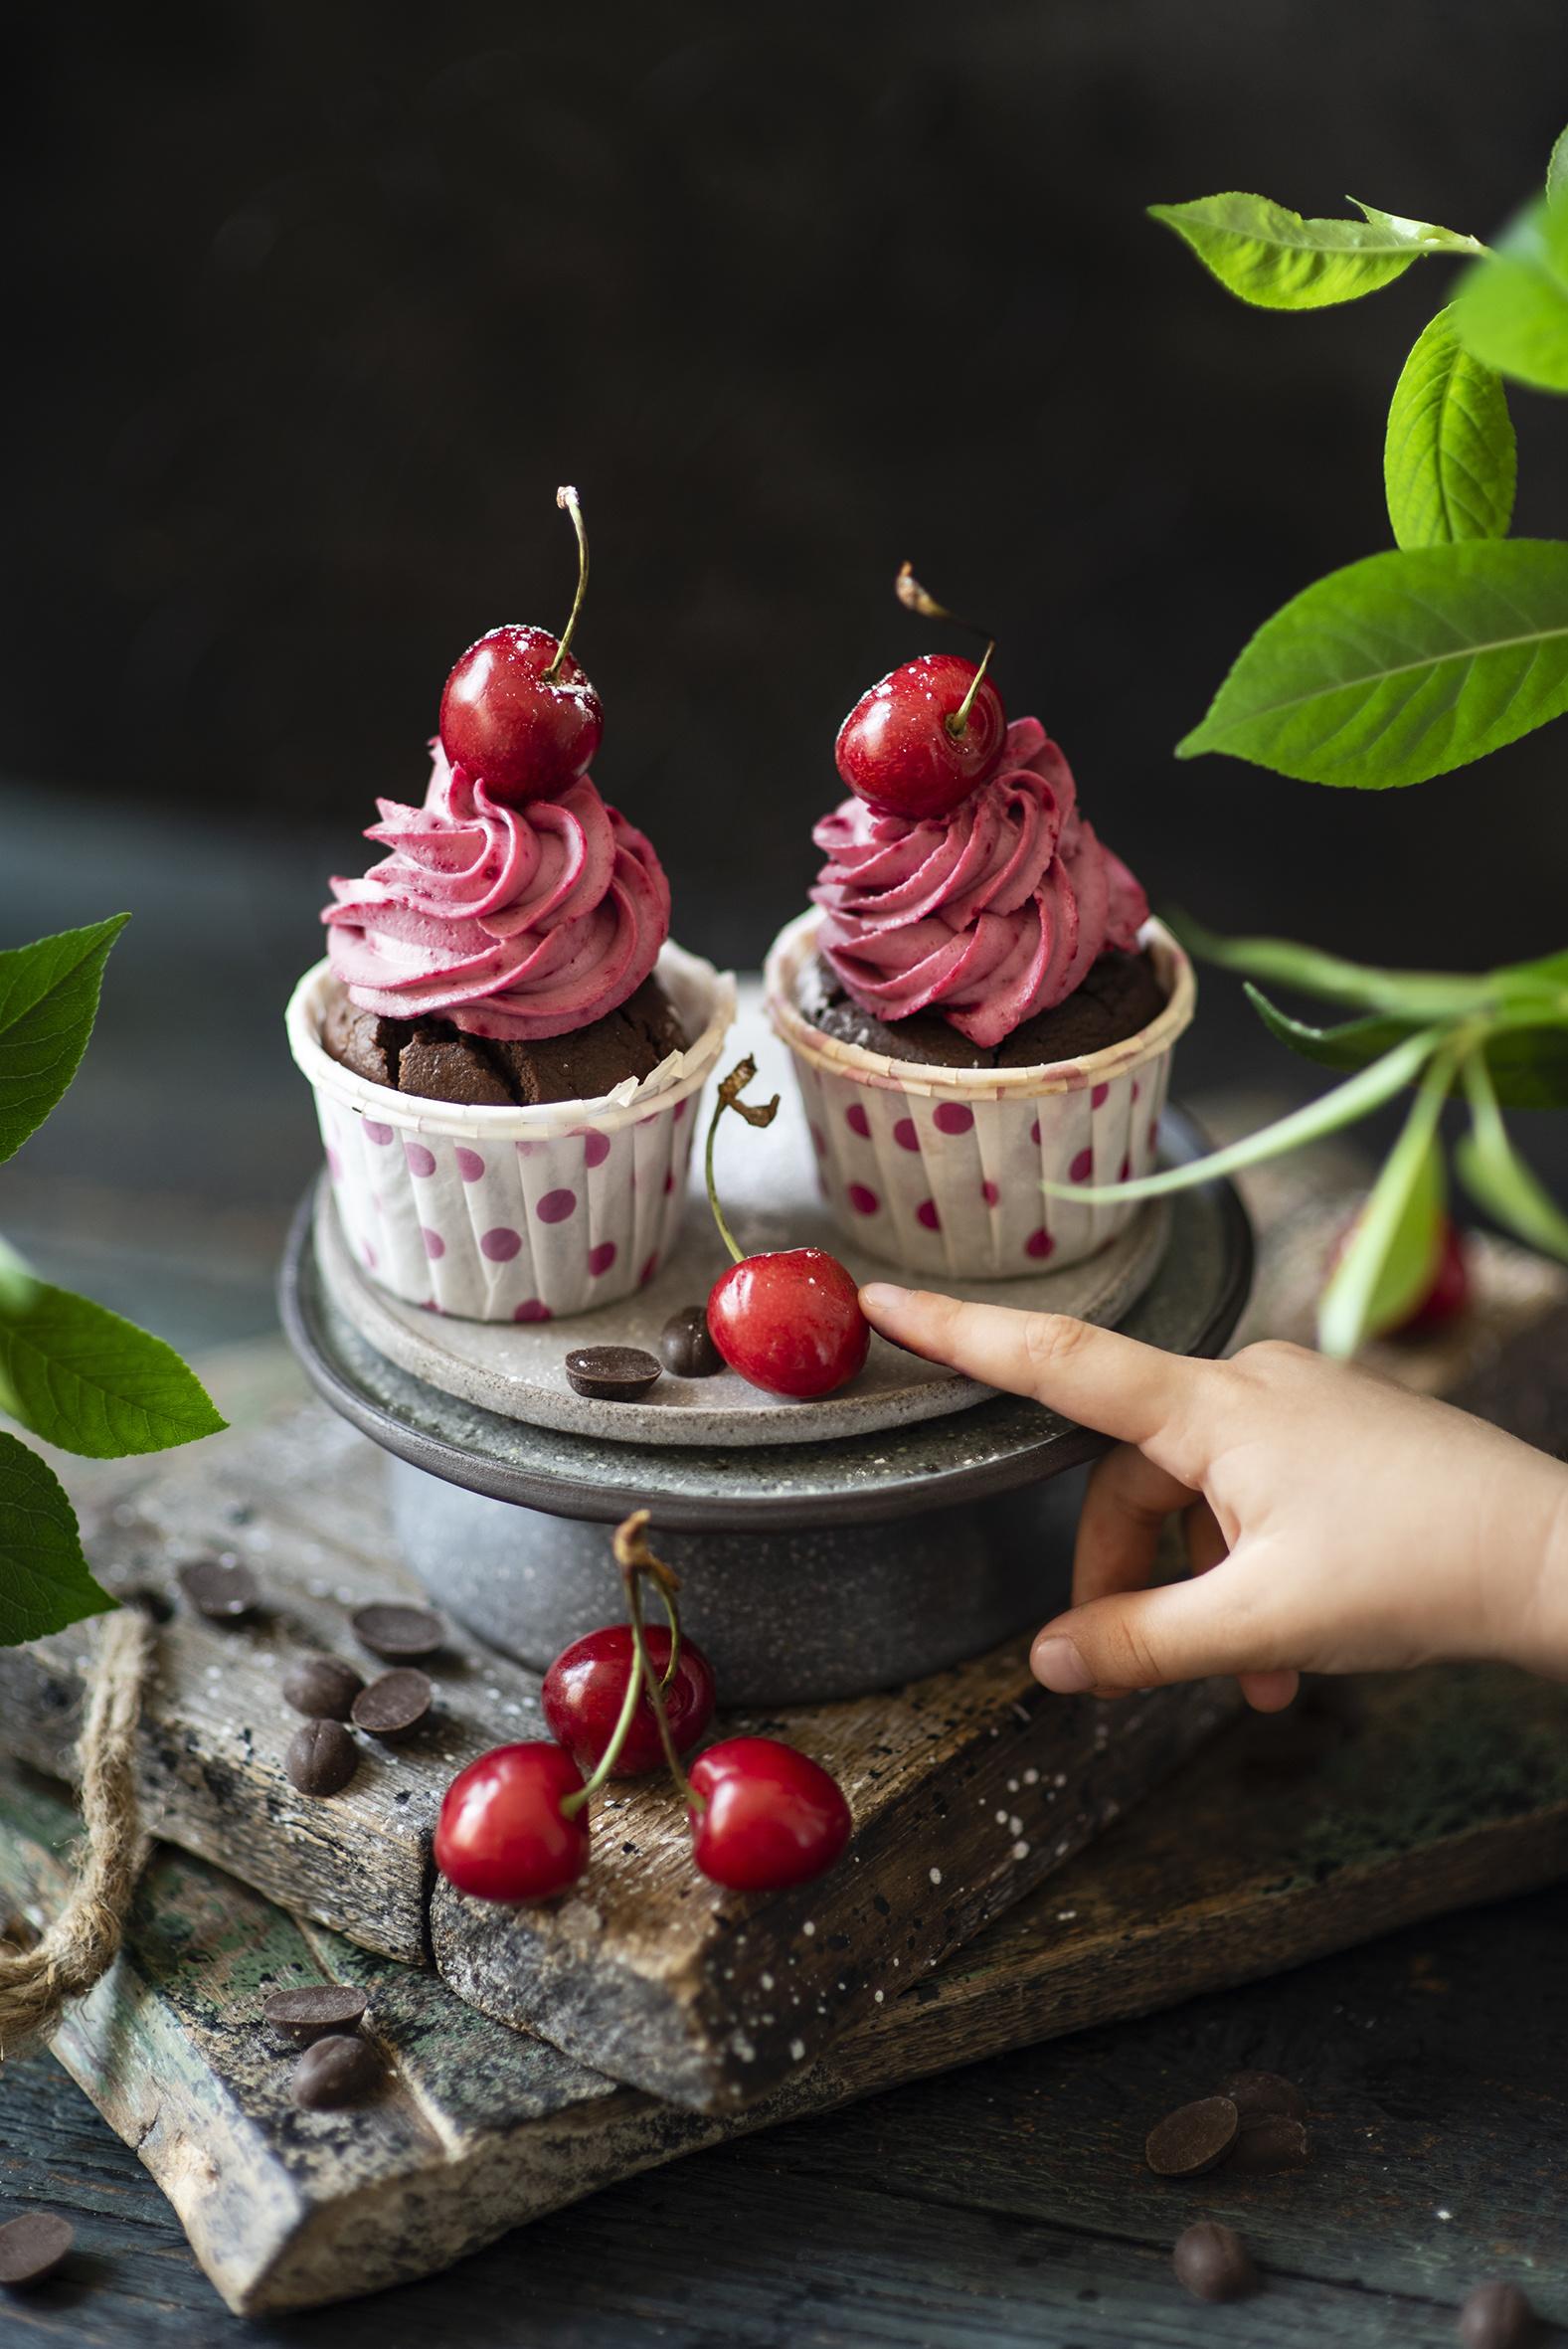 Afbeeldingen Twee 2 Cupcake Kers fruit spijs Planken  voor Mobiele telefoon Voedsel